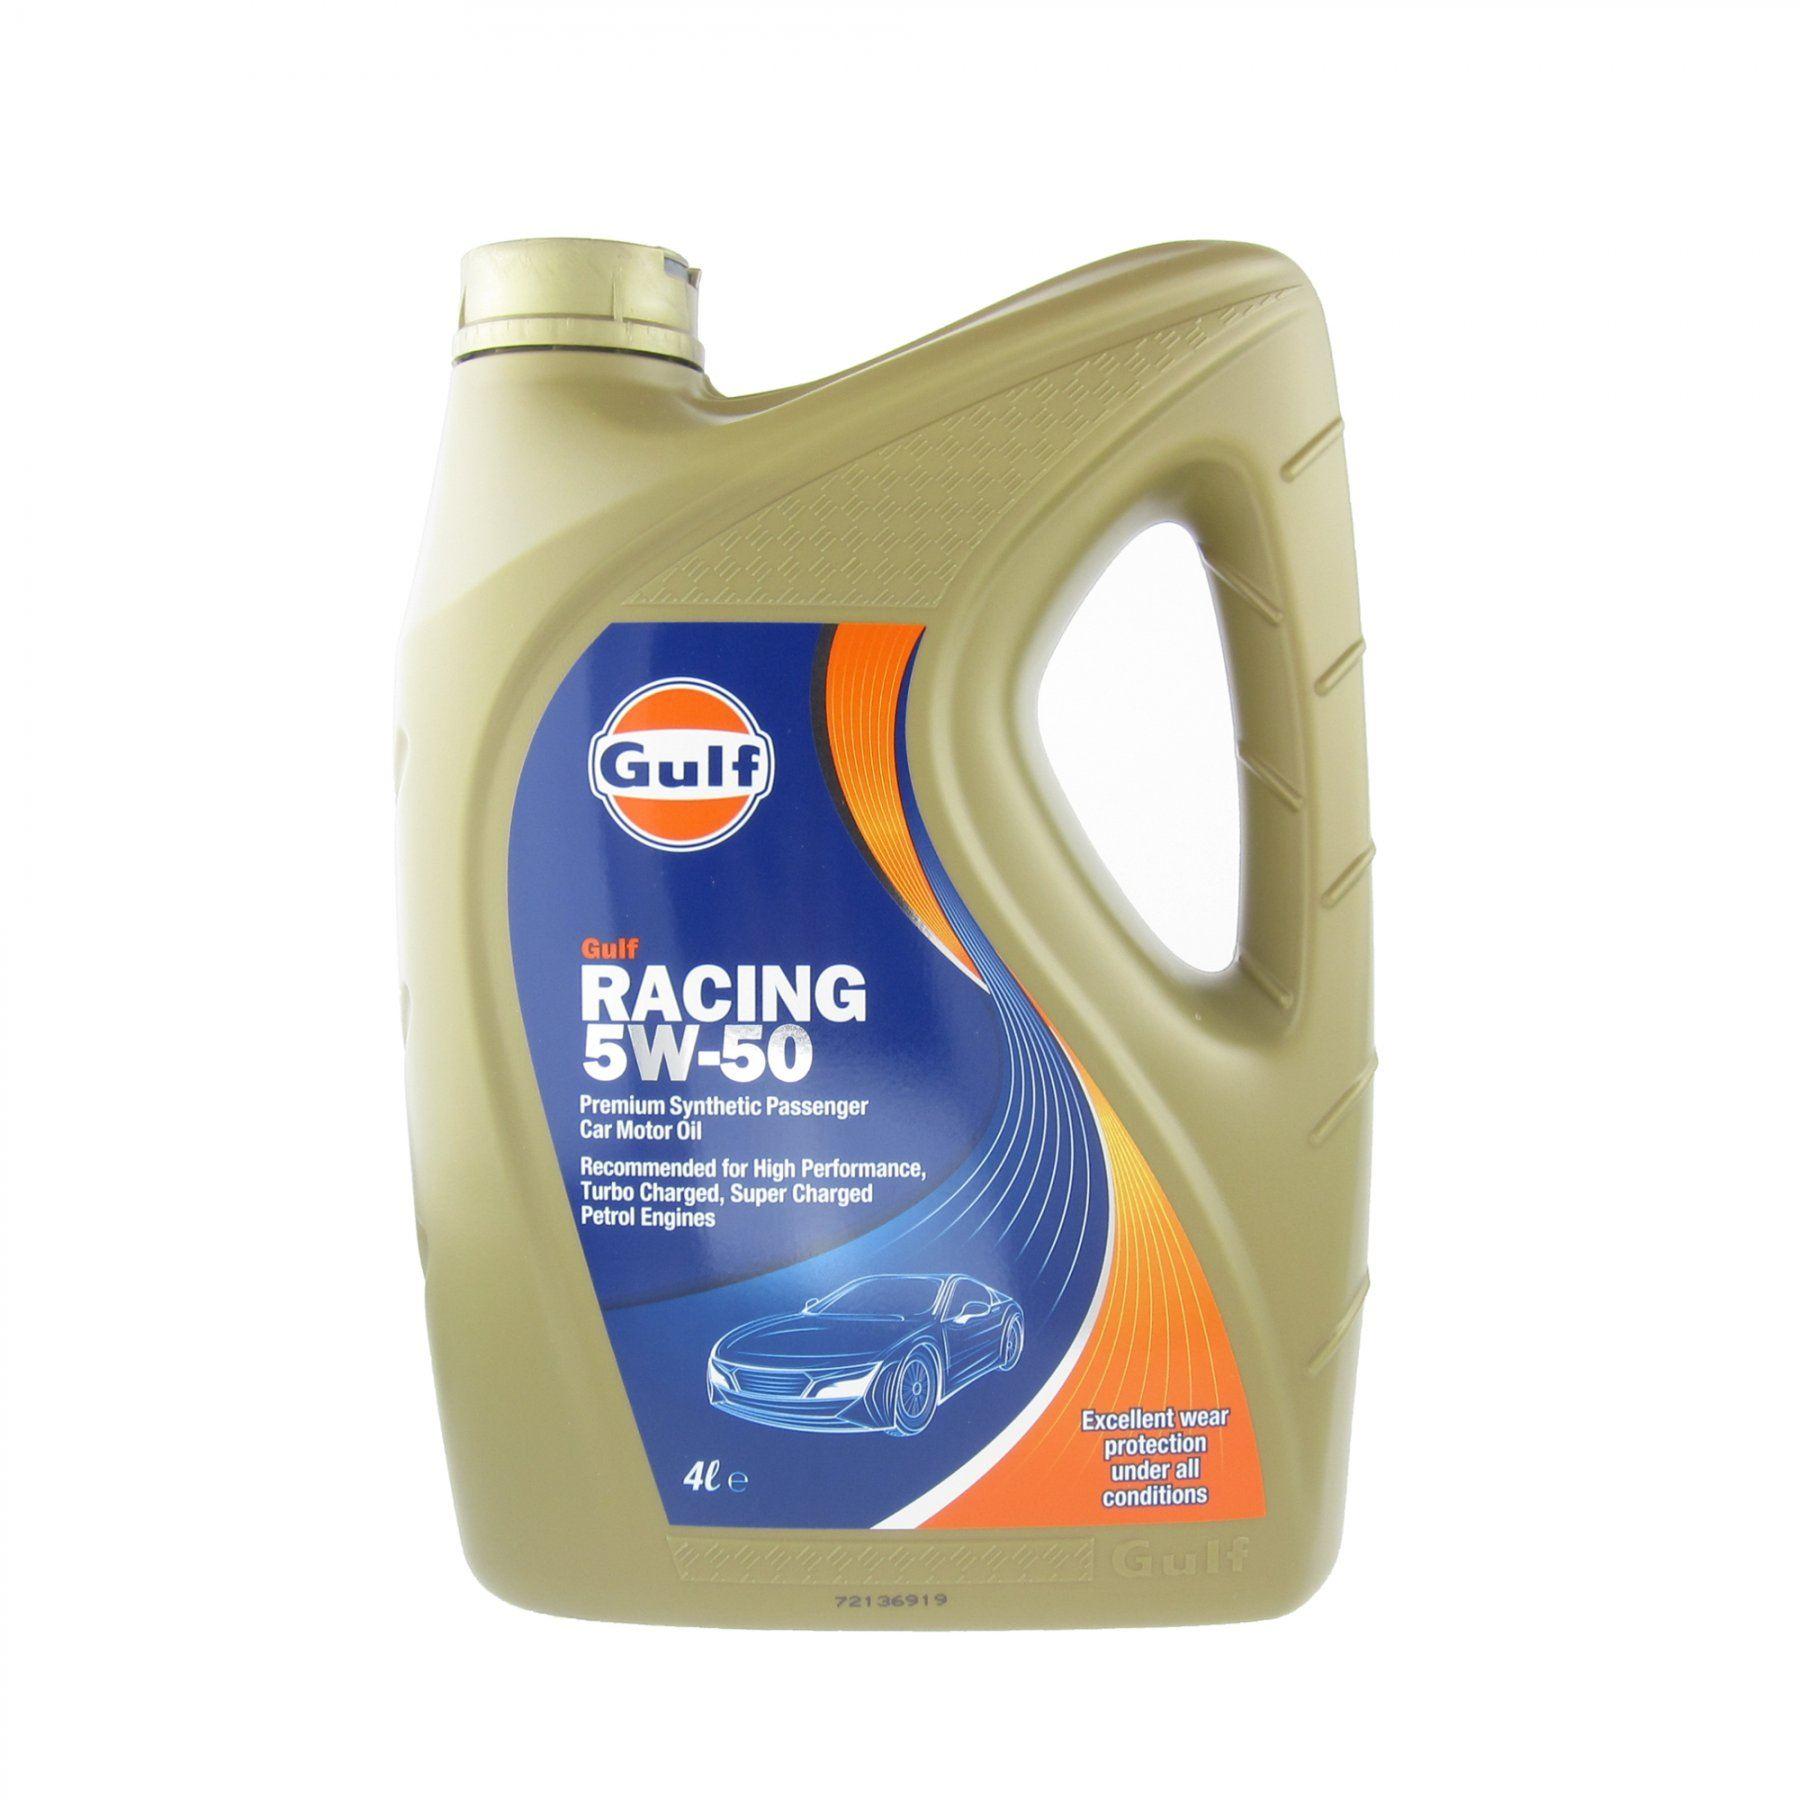 Gulf Racing 5W50 4L 110925